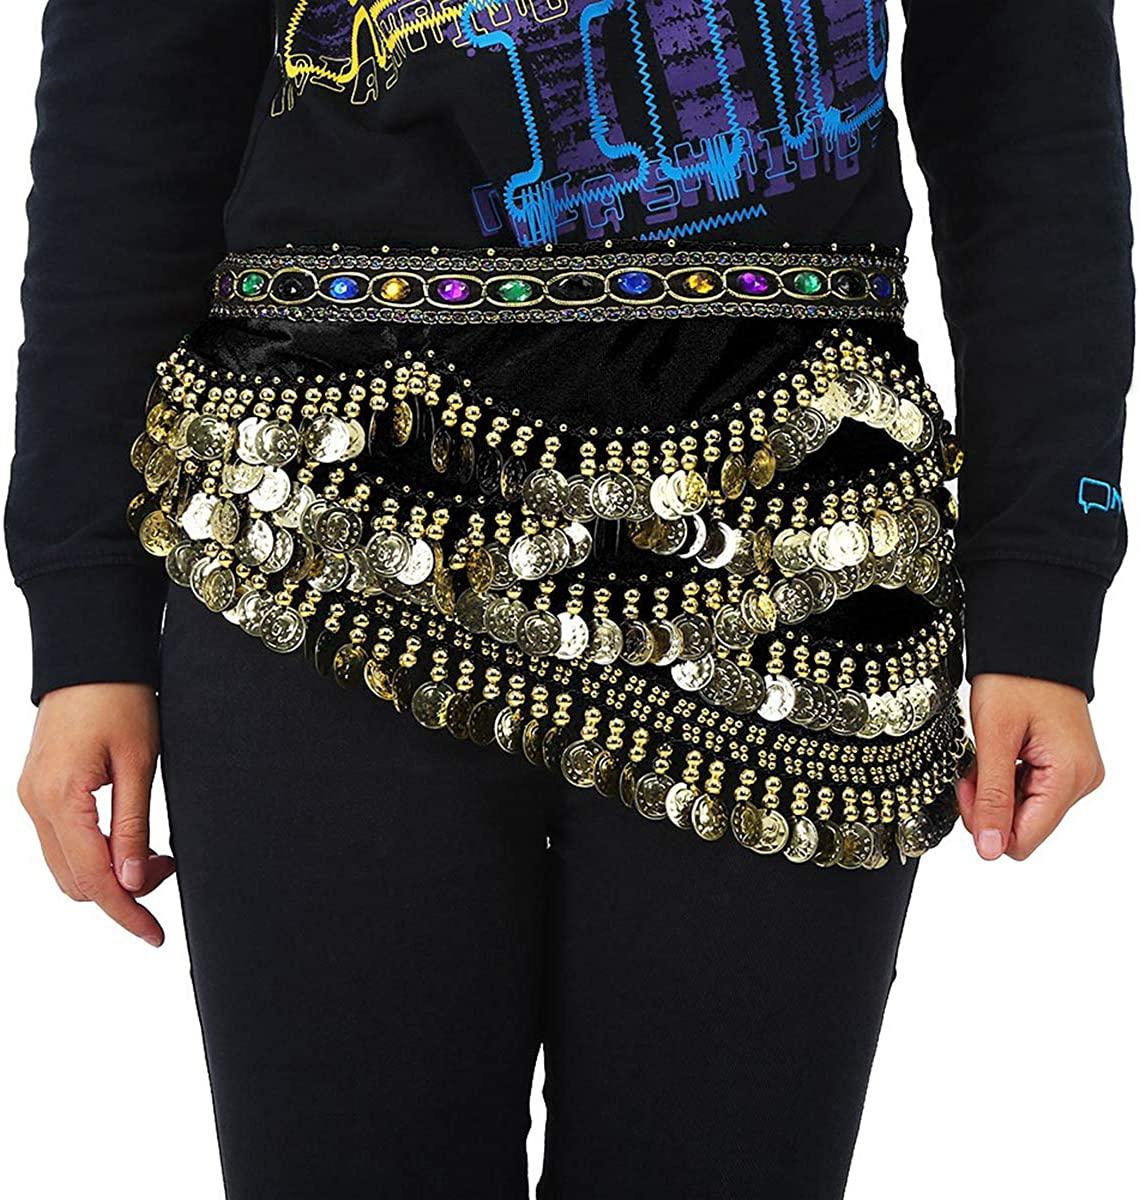 Yunnyp Belly Dance Belt,Hip Scarf Wrap Skirt Waist Belt with Artificial Coin Tassel